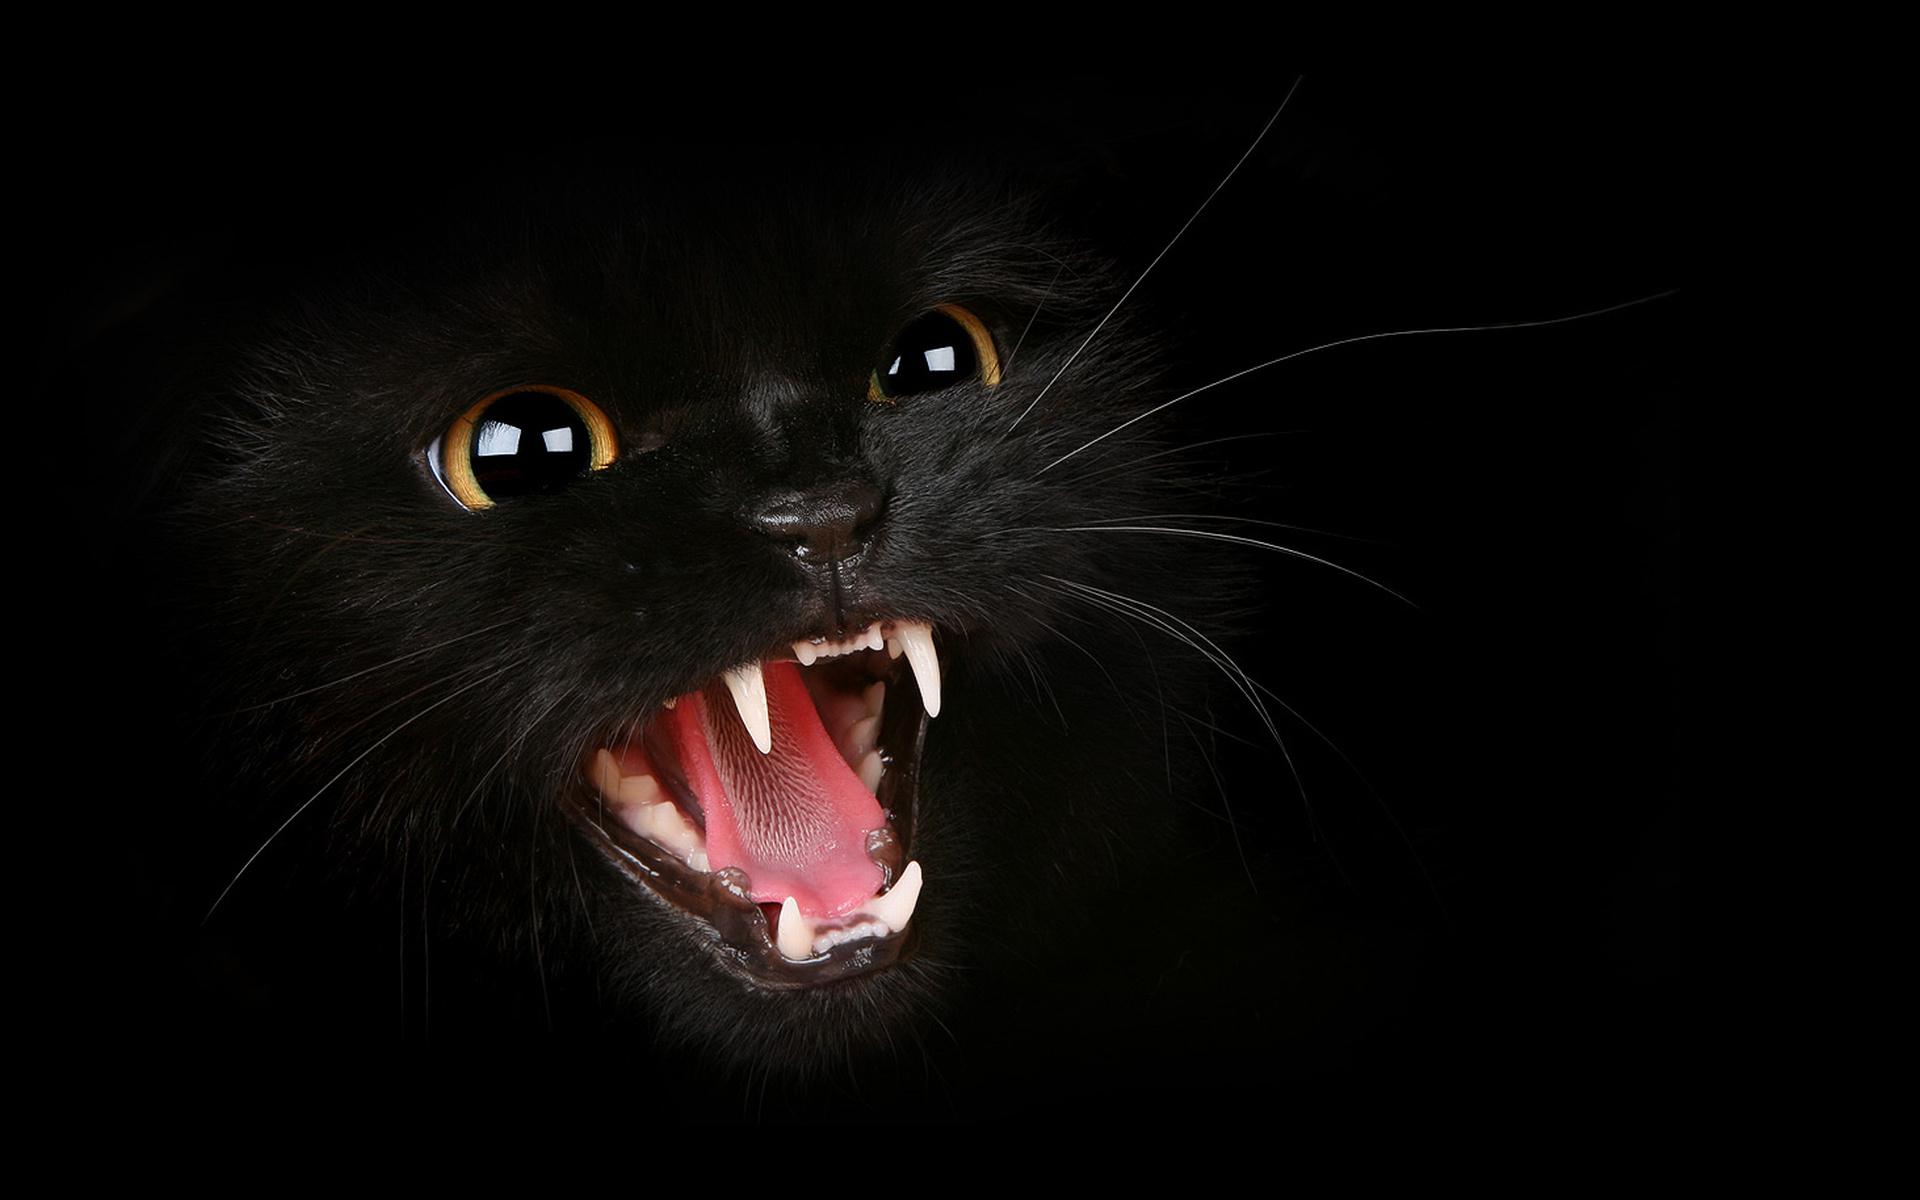 А твардовский памяти моего кота